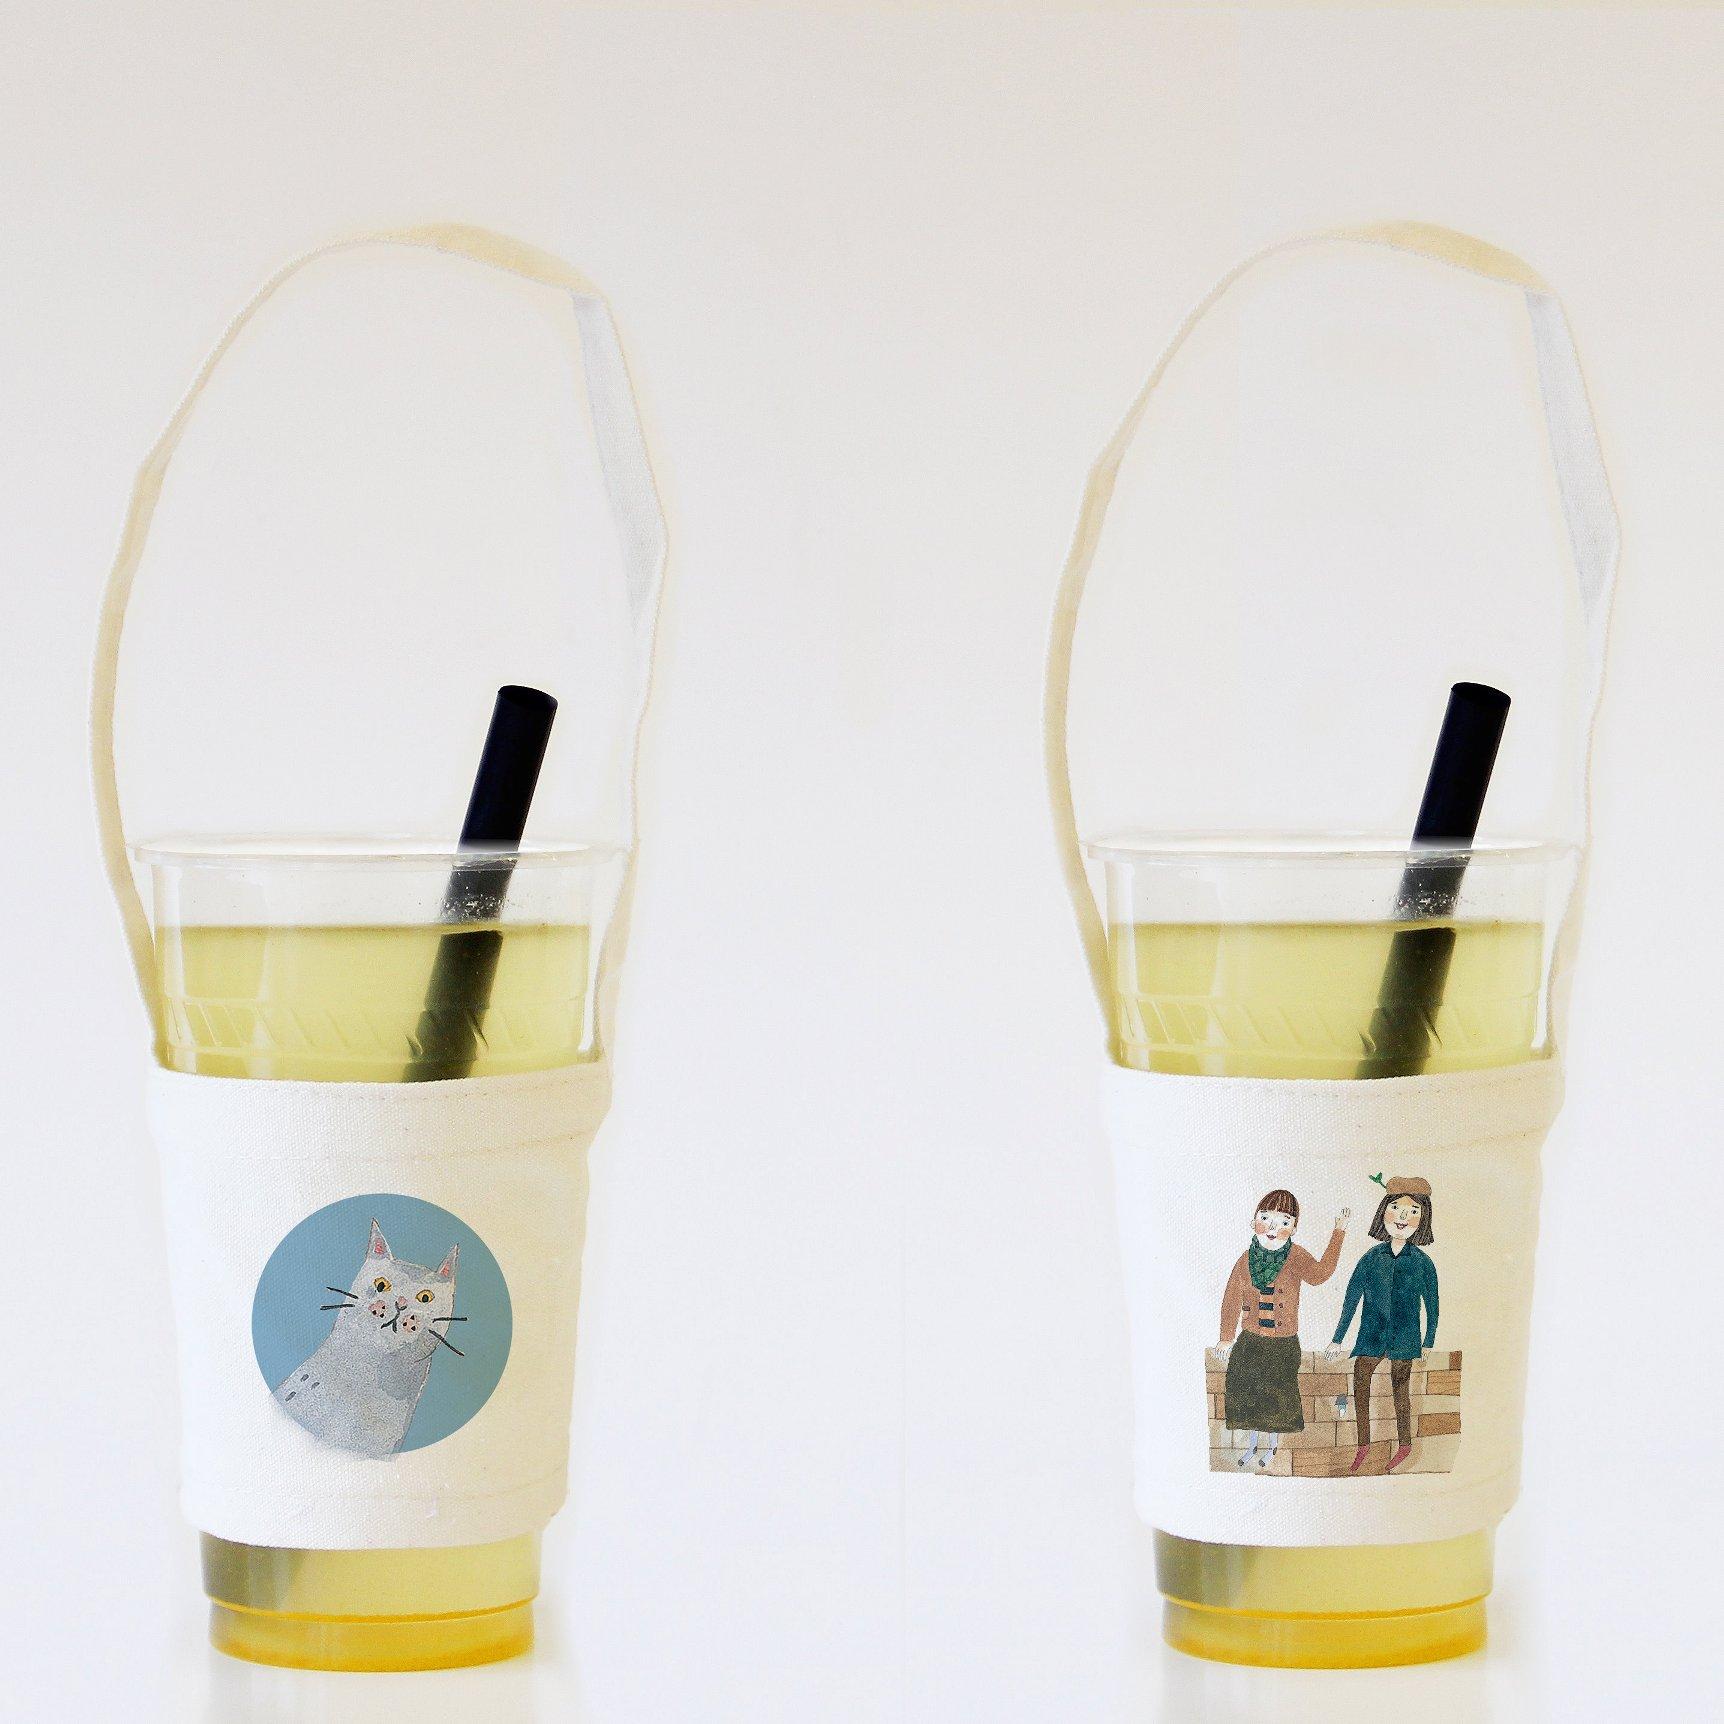 (贈品)「SOUPY手繪粉圓夢」飲料杯套提袋